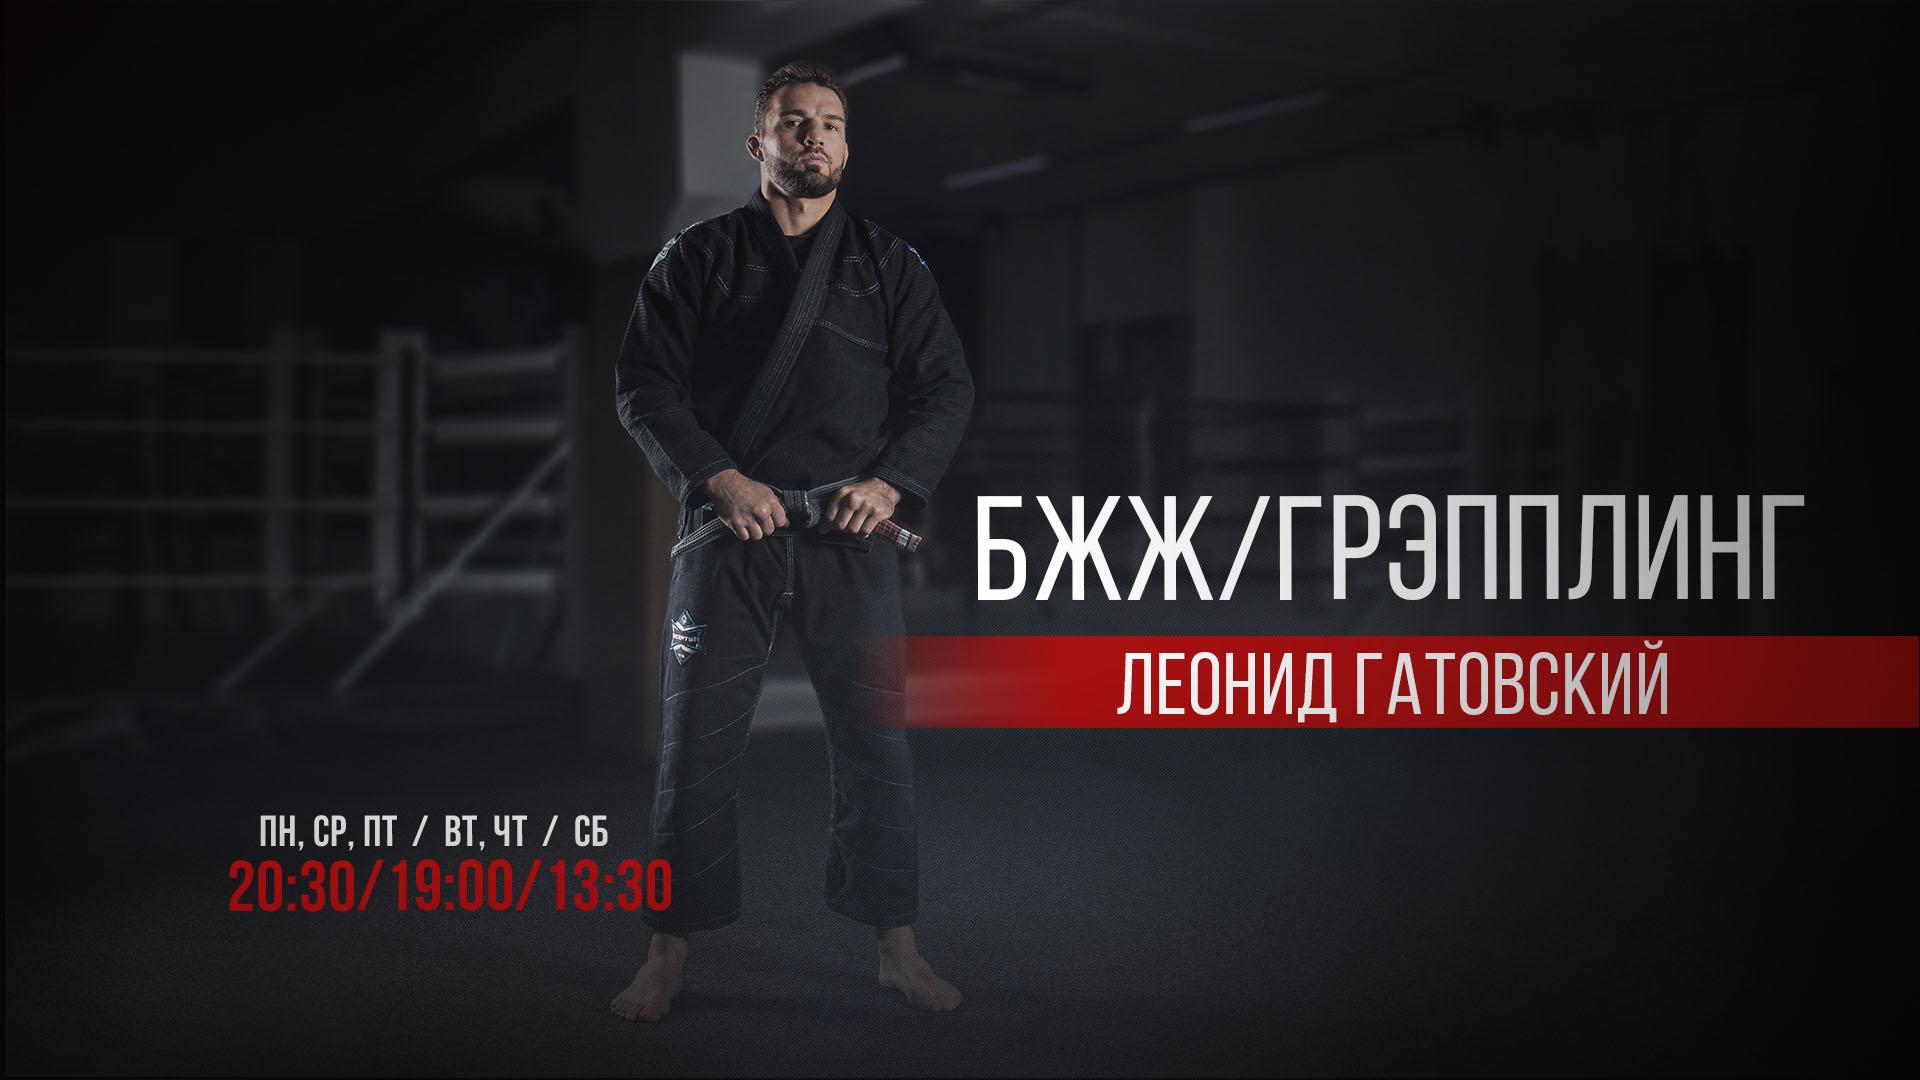 Леонид Гатовский (ТРЕНЕР ПО БЖЖ GMGYM)